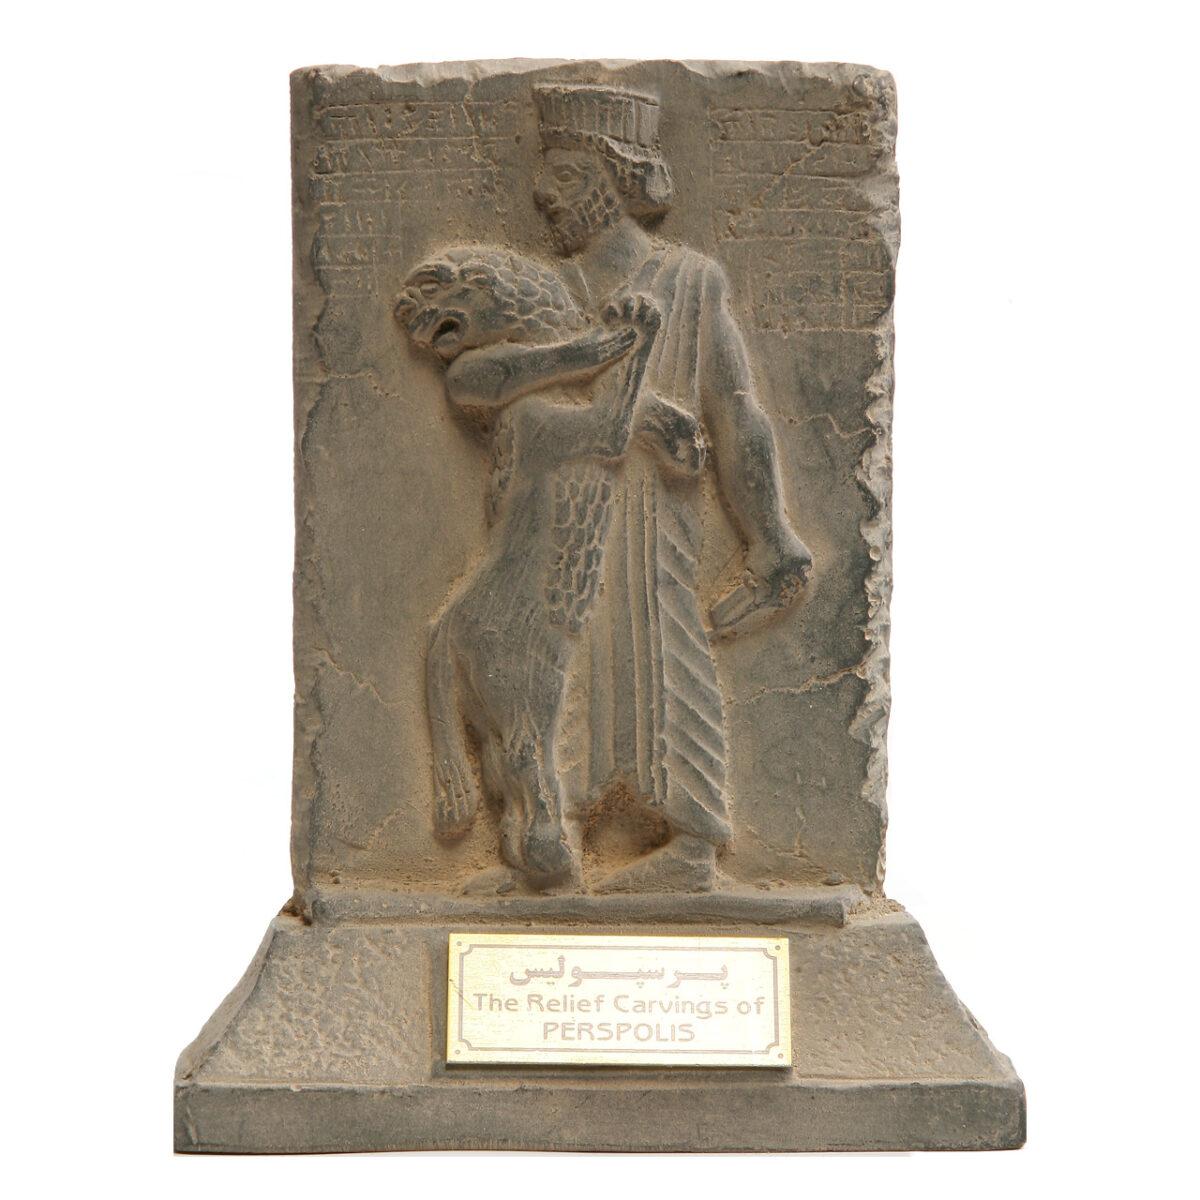 مجسمه تندیس و پیکره شهریار مدل لوح شکارچی شیر پرسپولیس کد MO1020